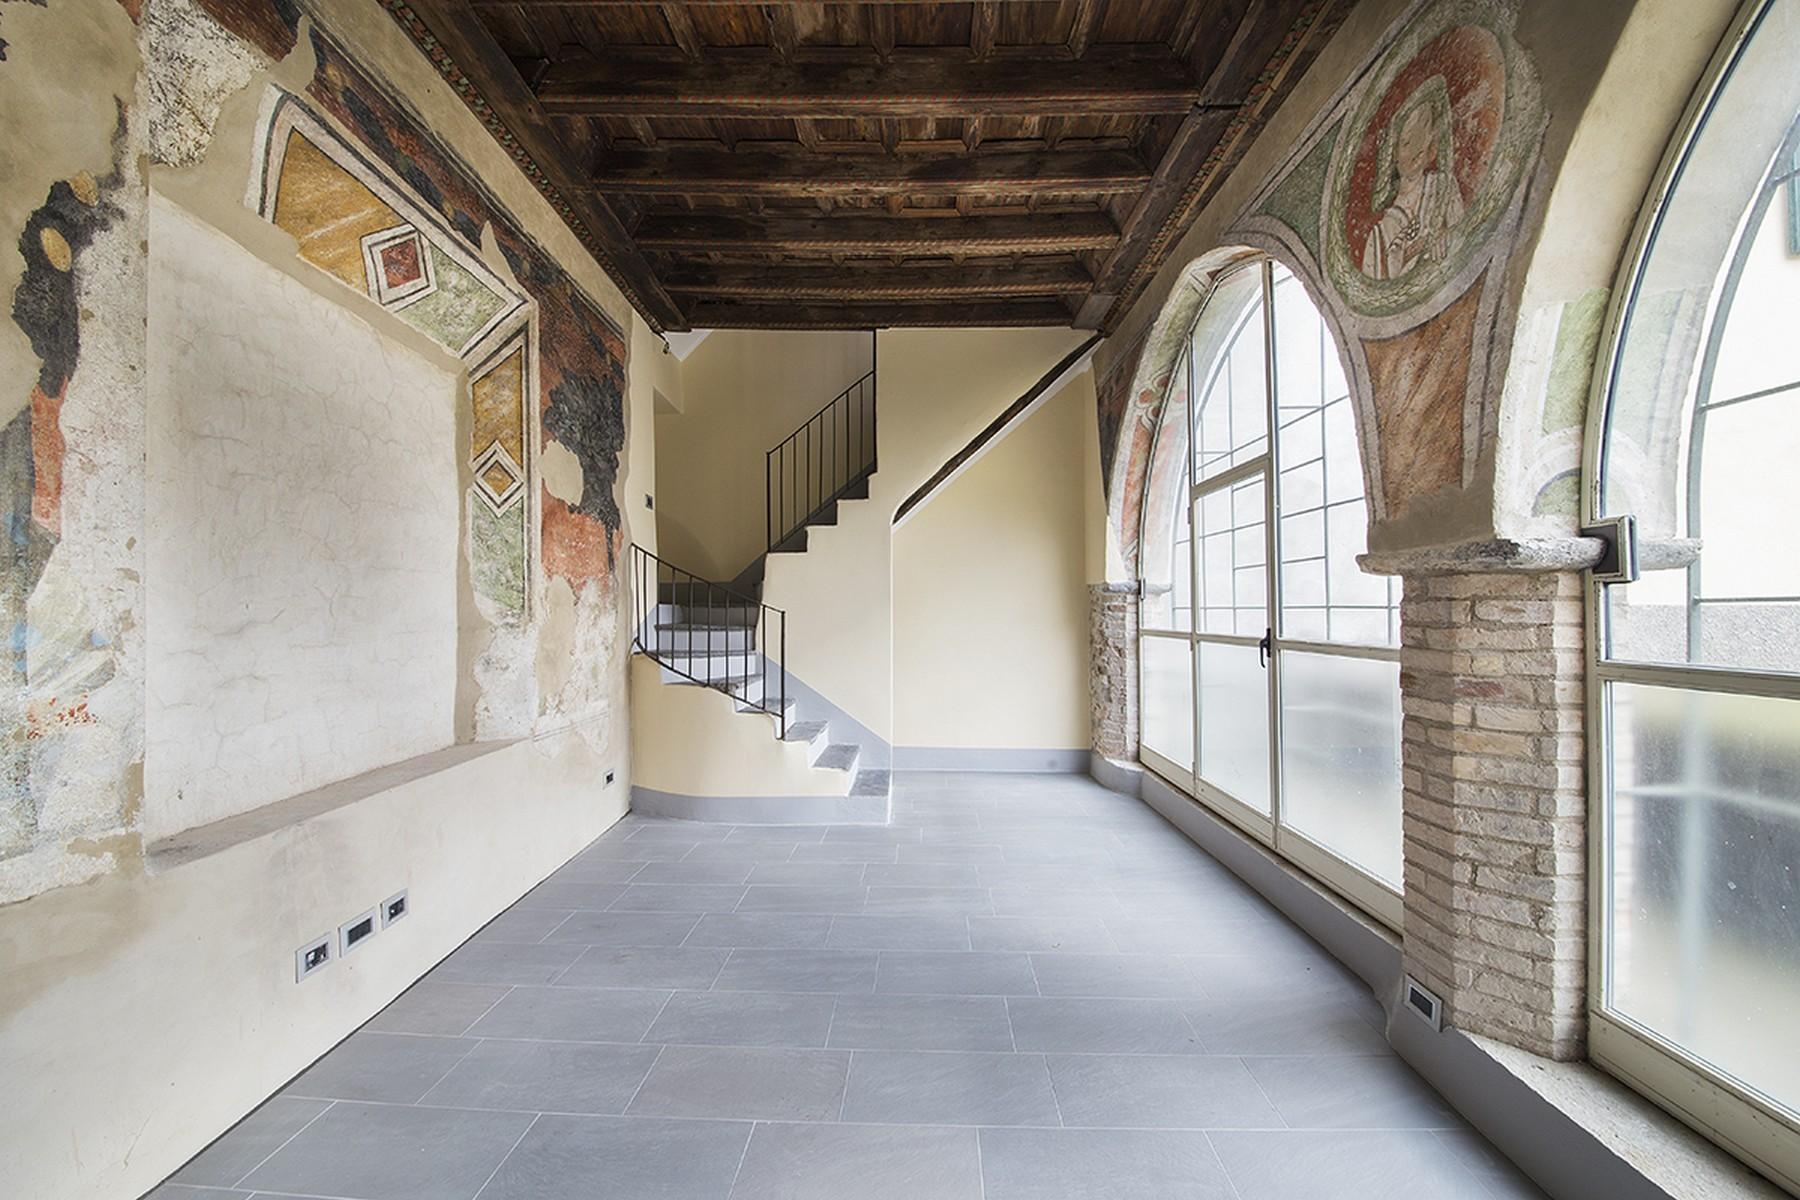 Casa indipendente in Vendita a Como: 3 locali, 82 mq - Foto 4